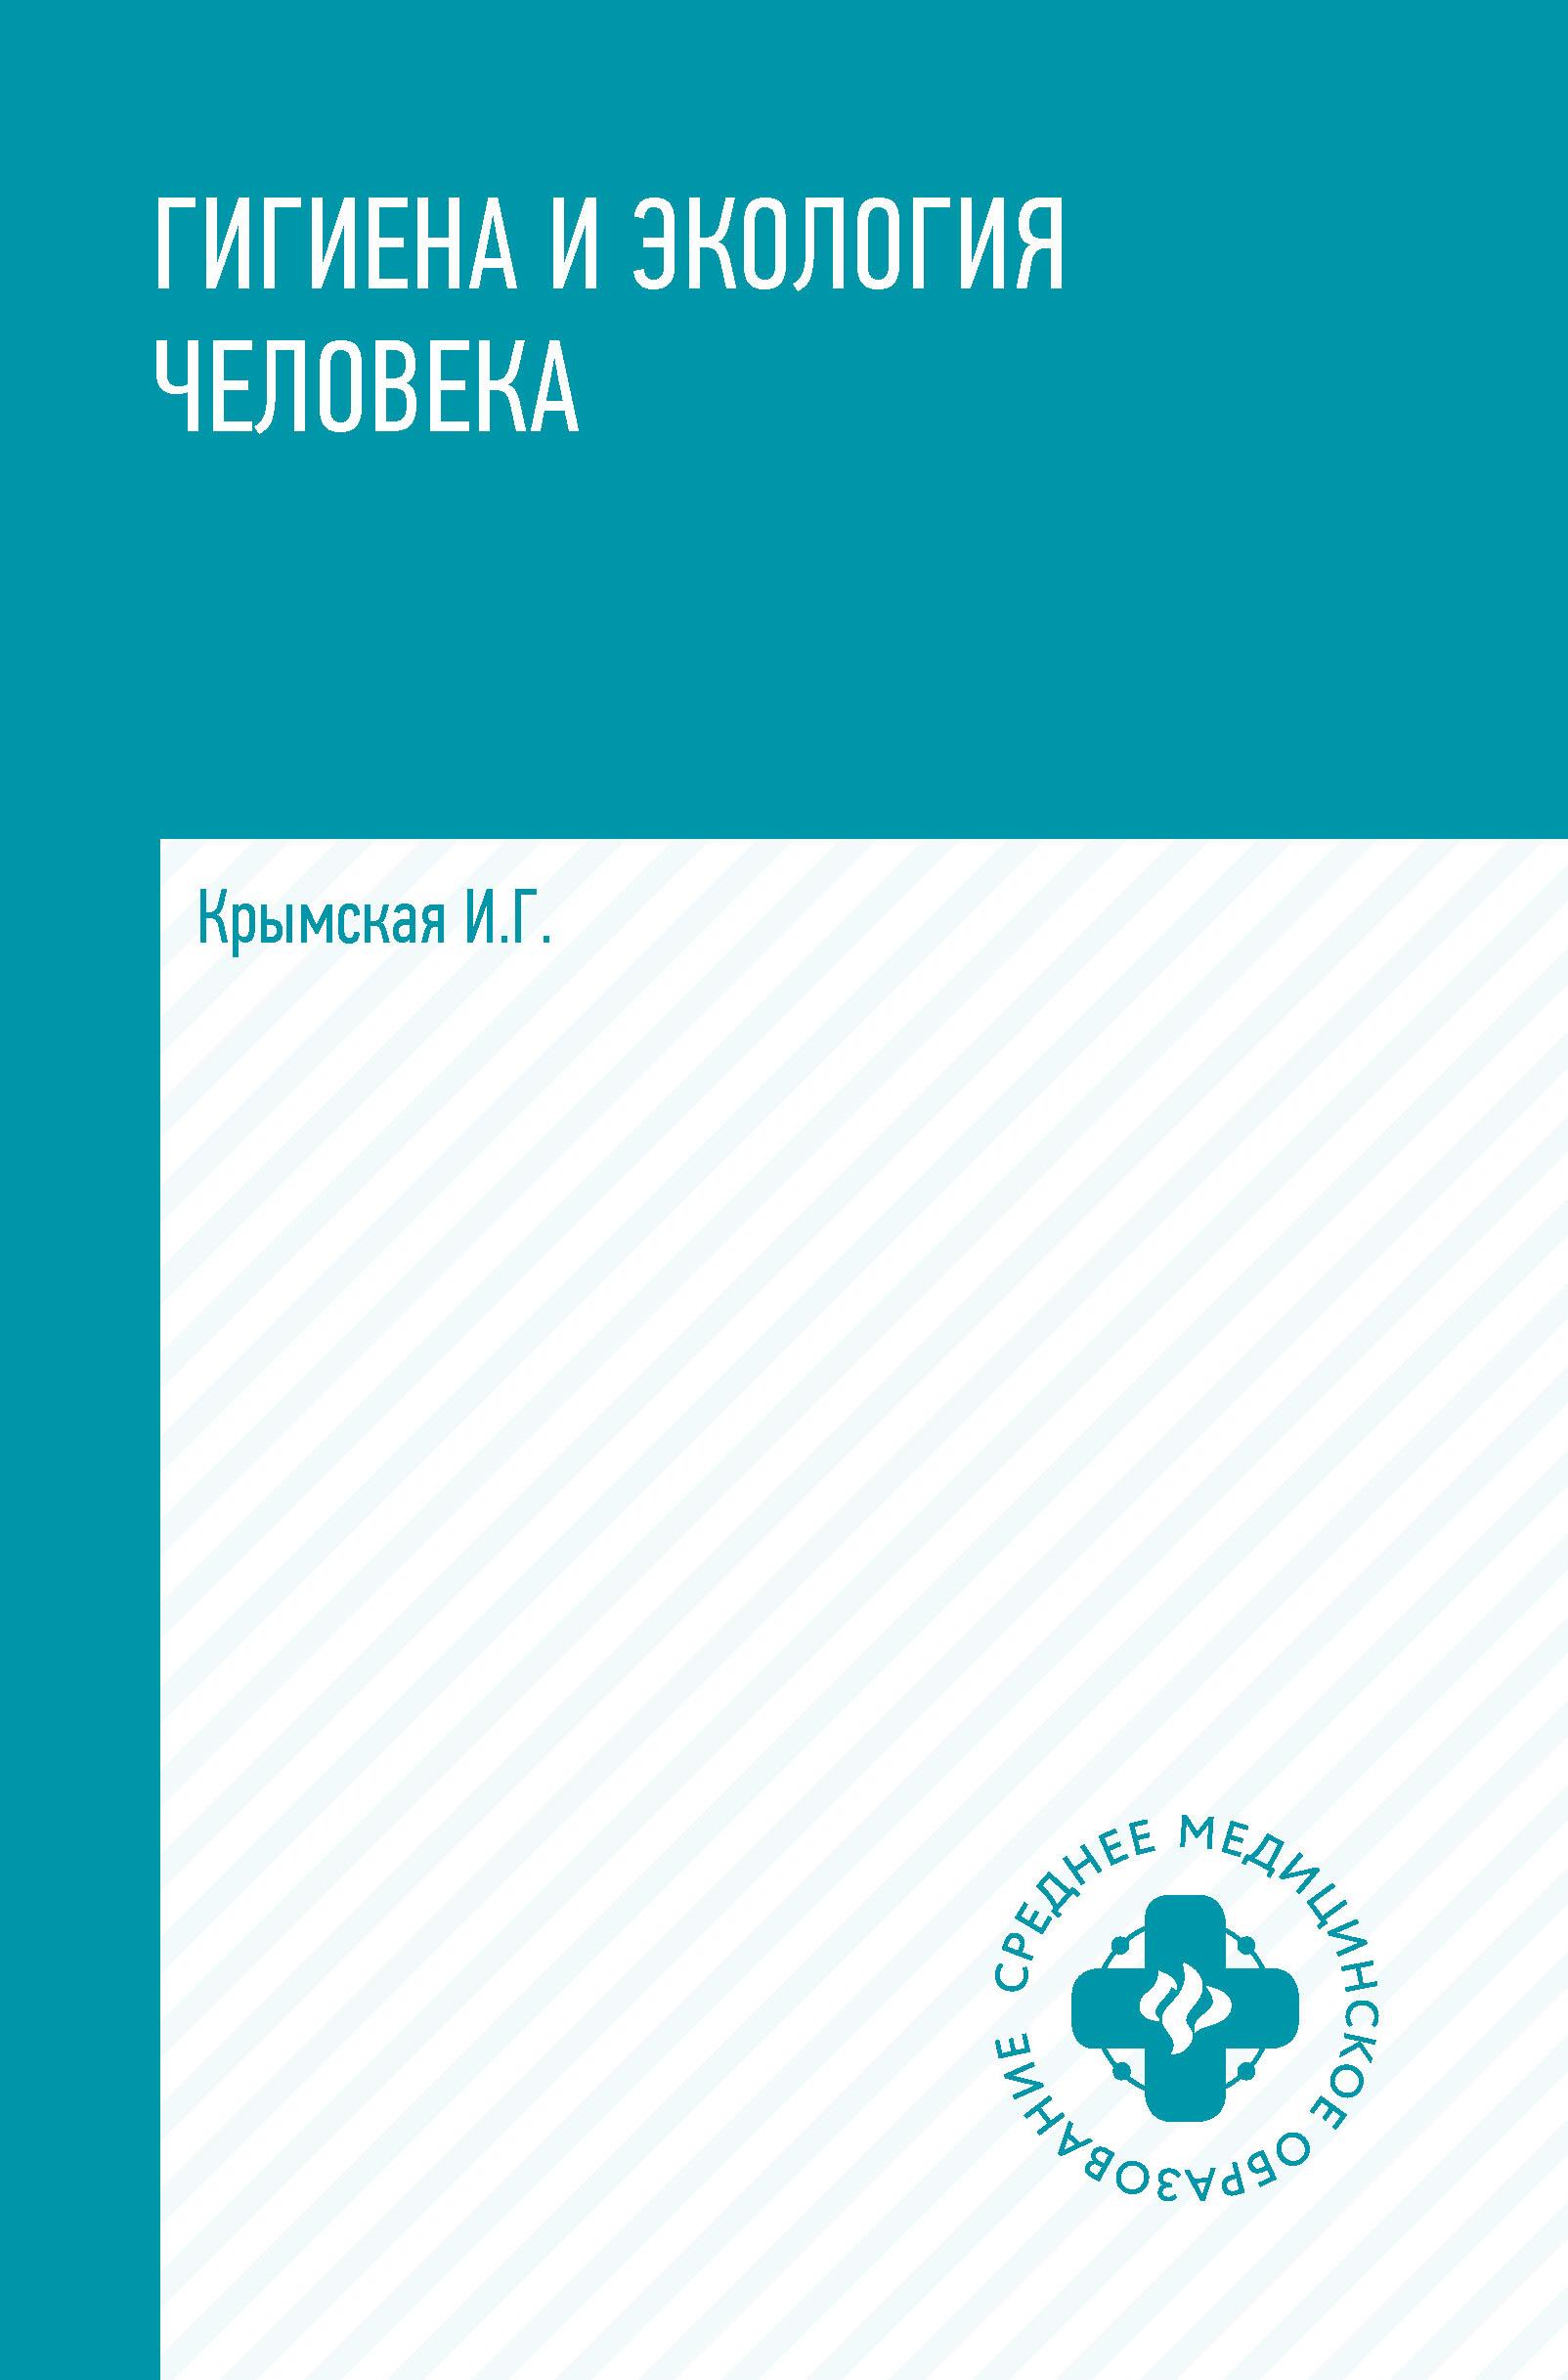 Гигиена и экология человека: Учеб. пособие